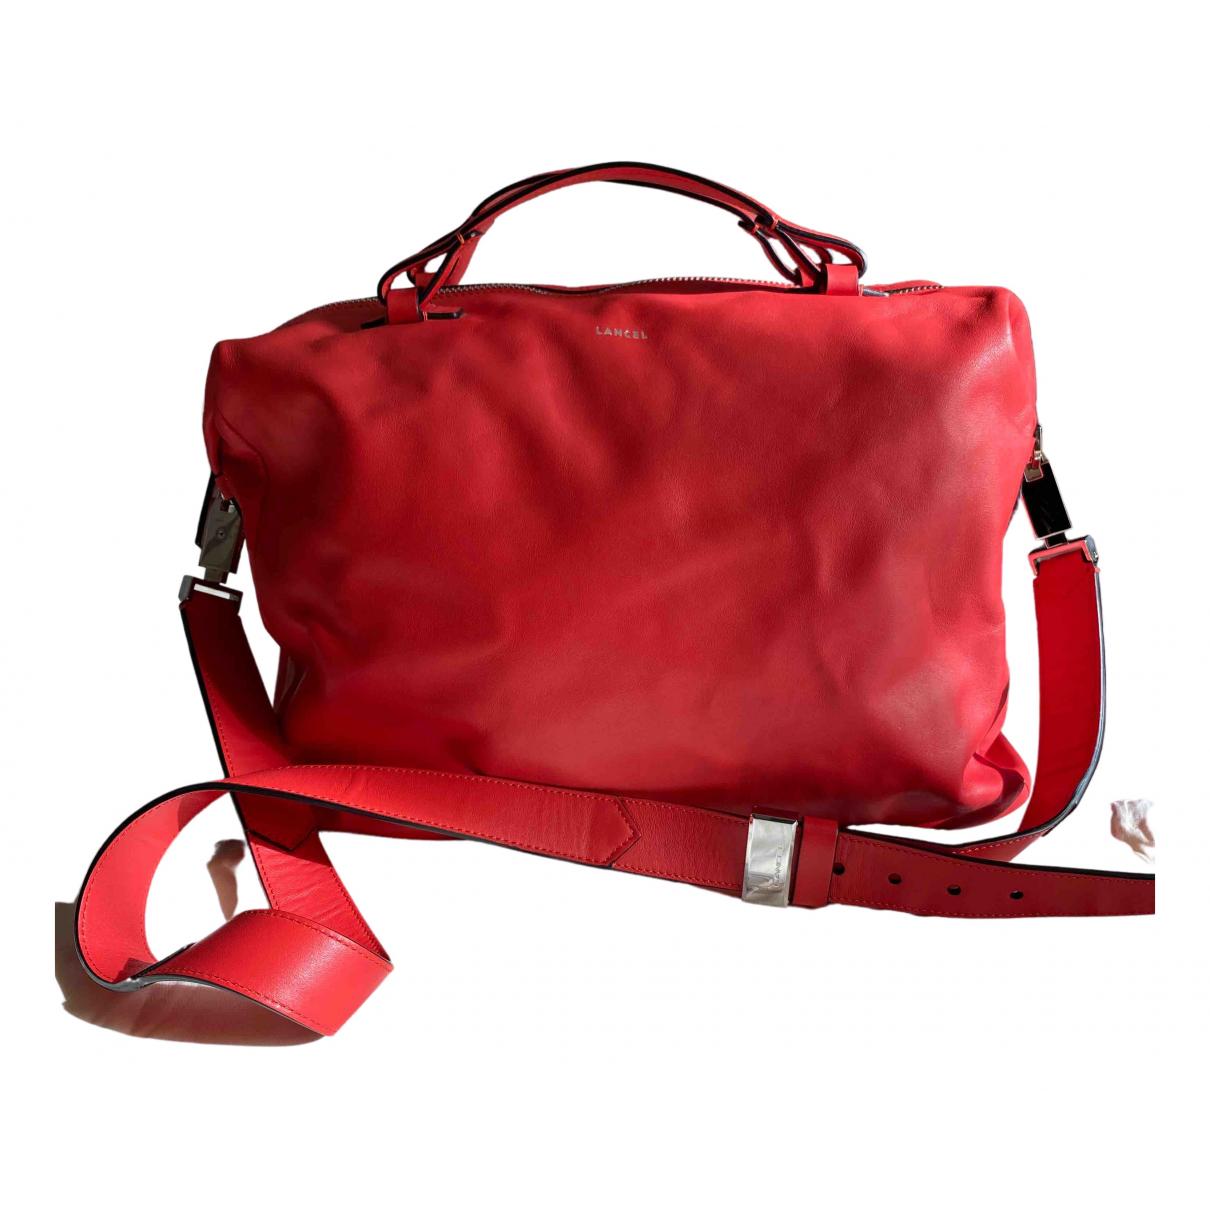 Lancel - Sac de voyage   pour femme en cuir - rouge